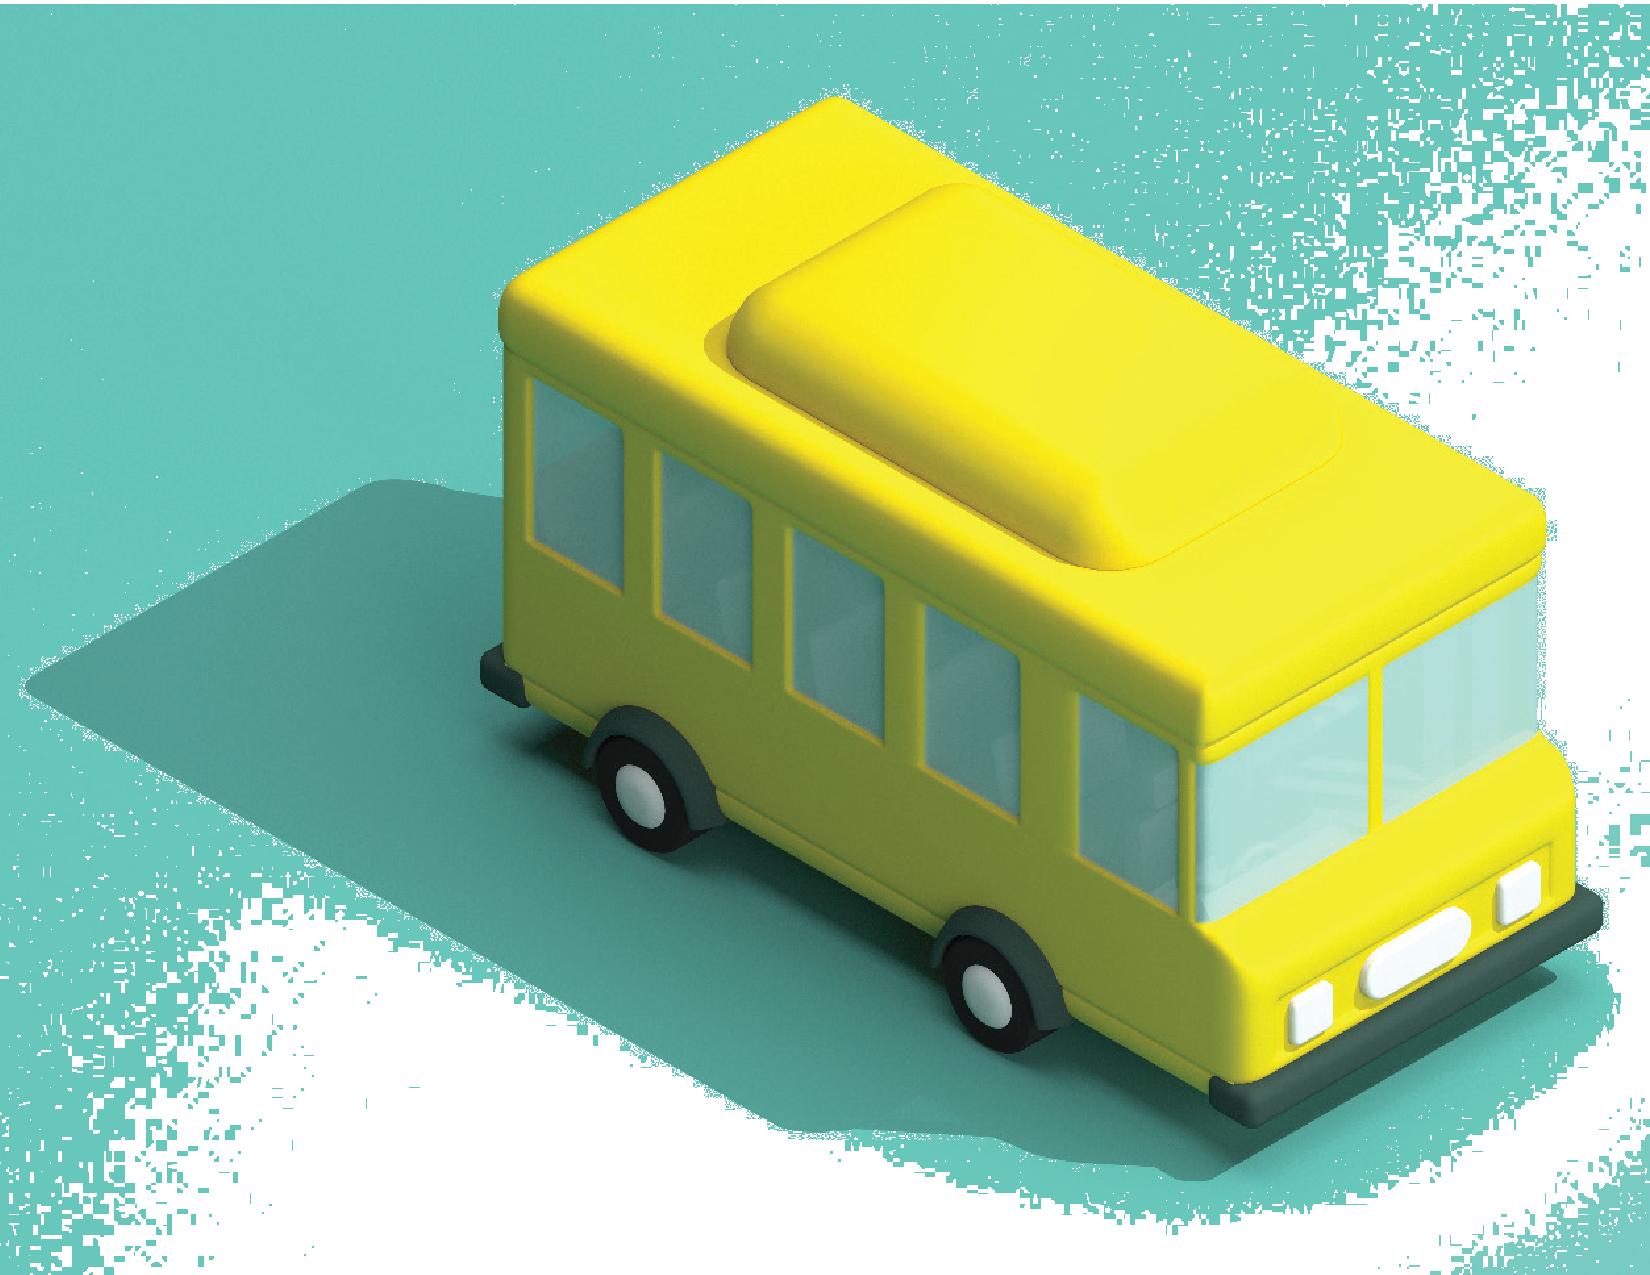 SchoolBus2-01